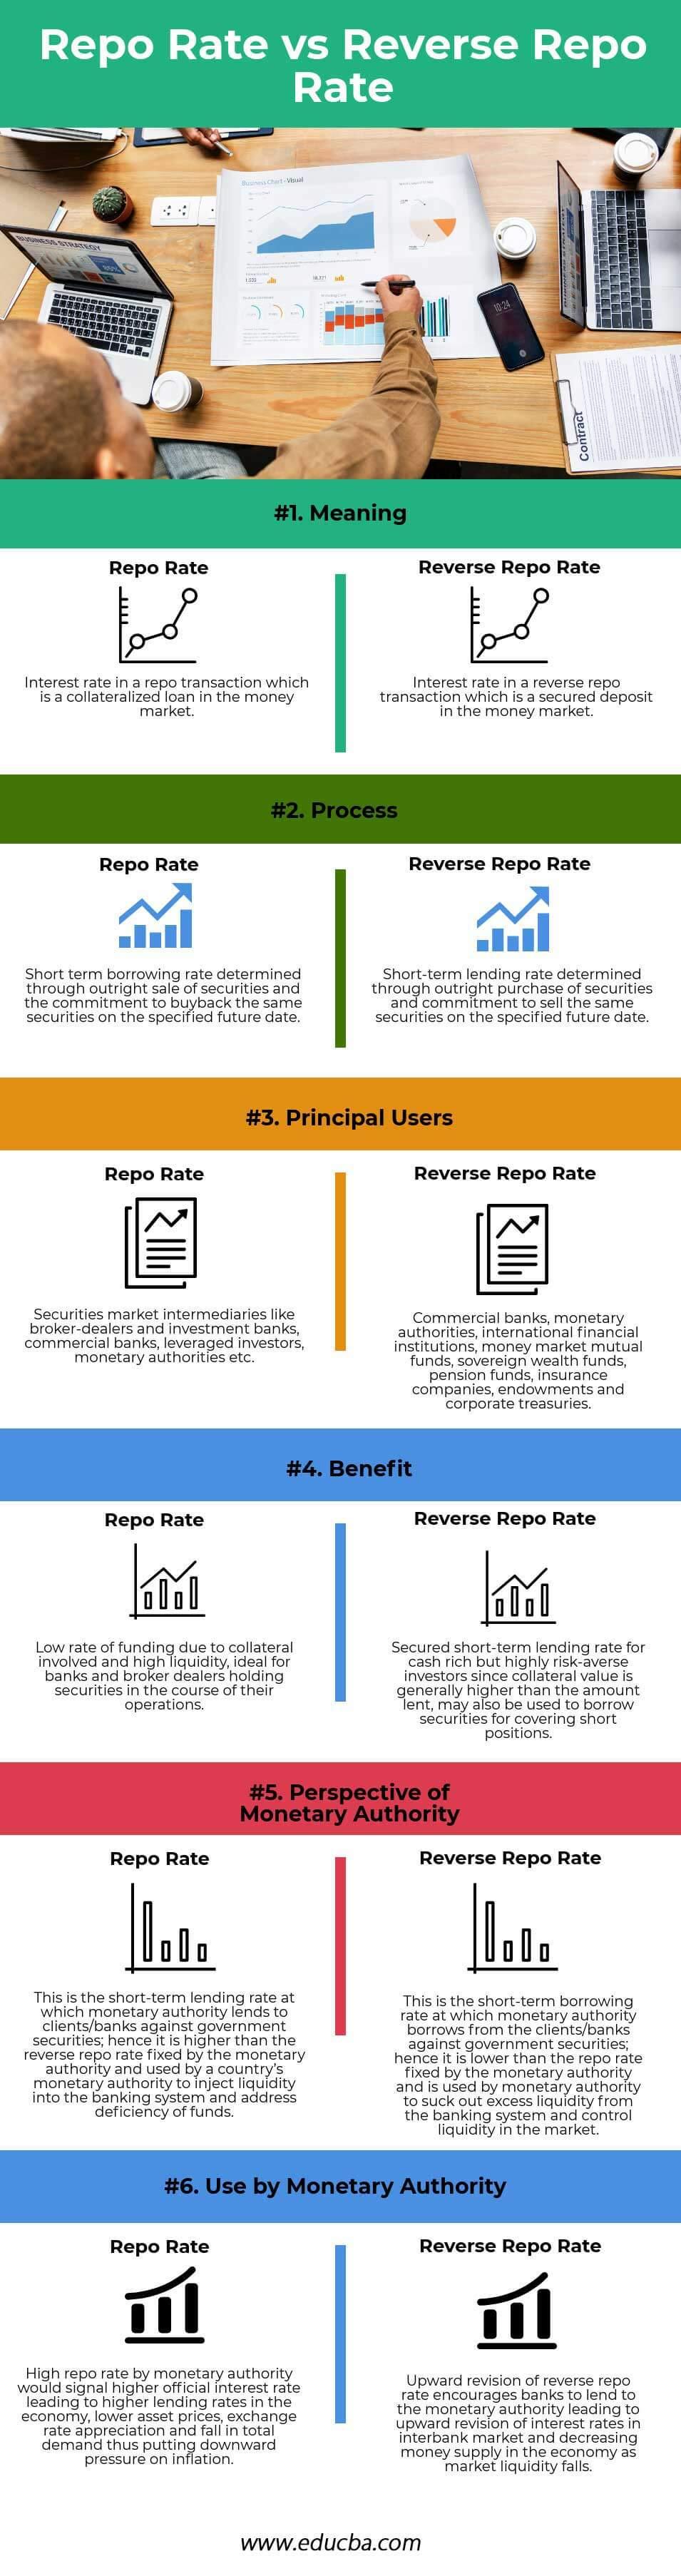 Repo-Rate-vs-Reverse-Repo-Rate info